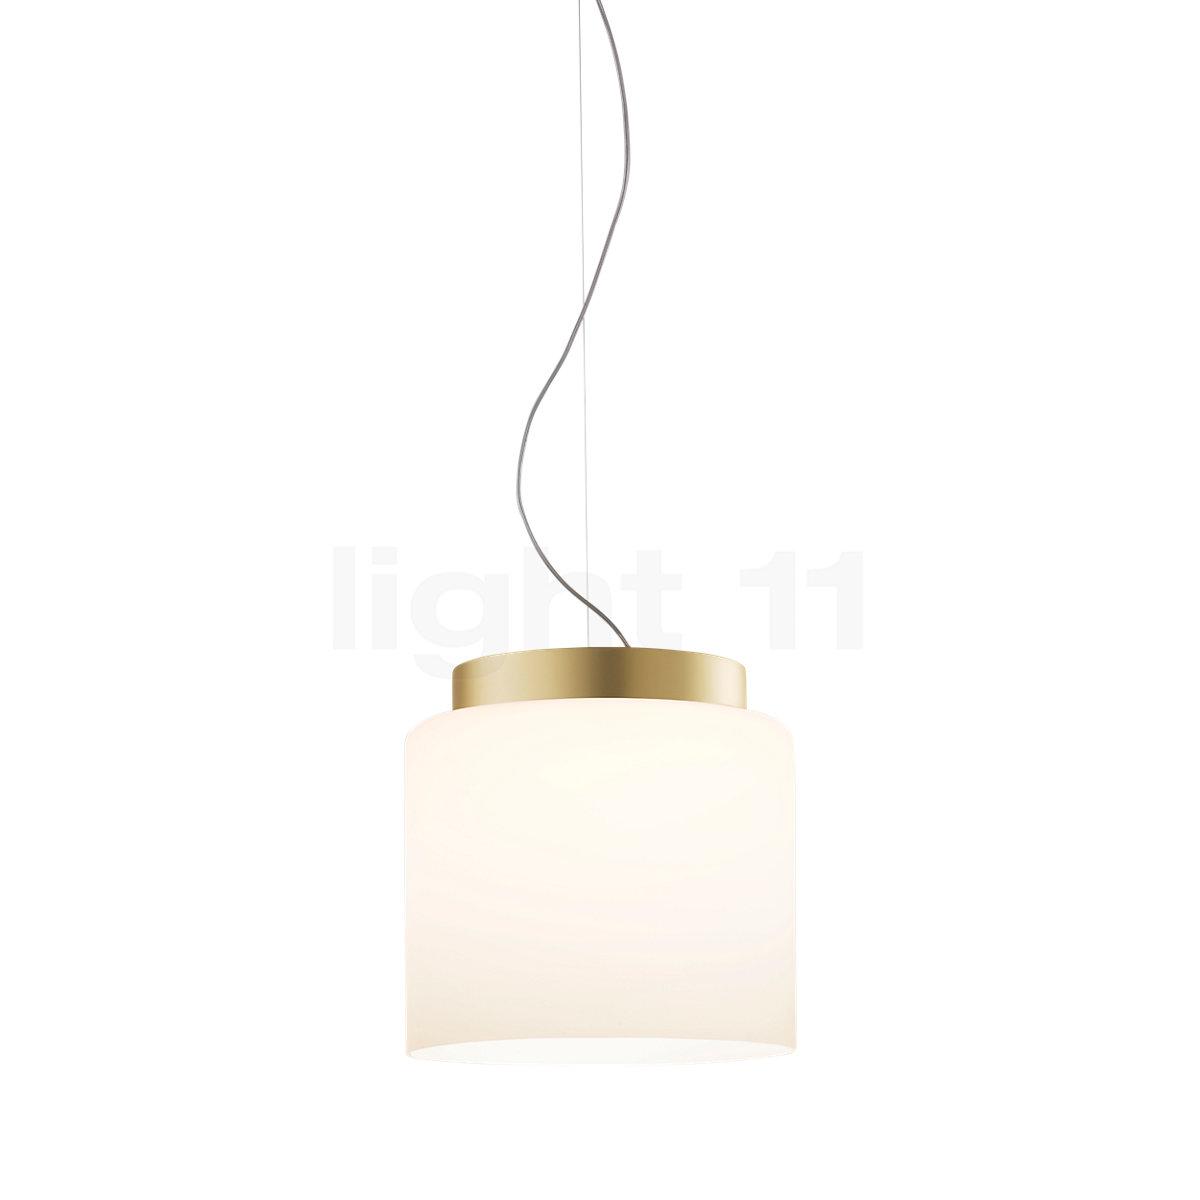 Schöne design und stilvolles prandina leuchten lampen und